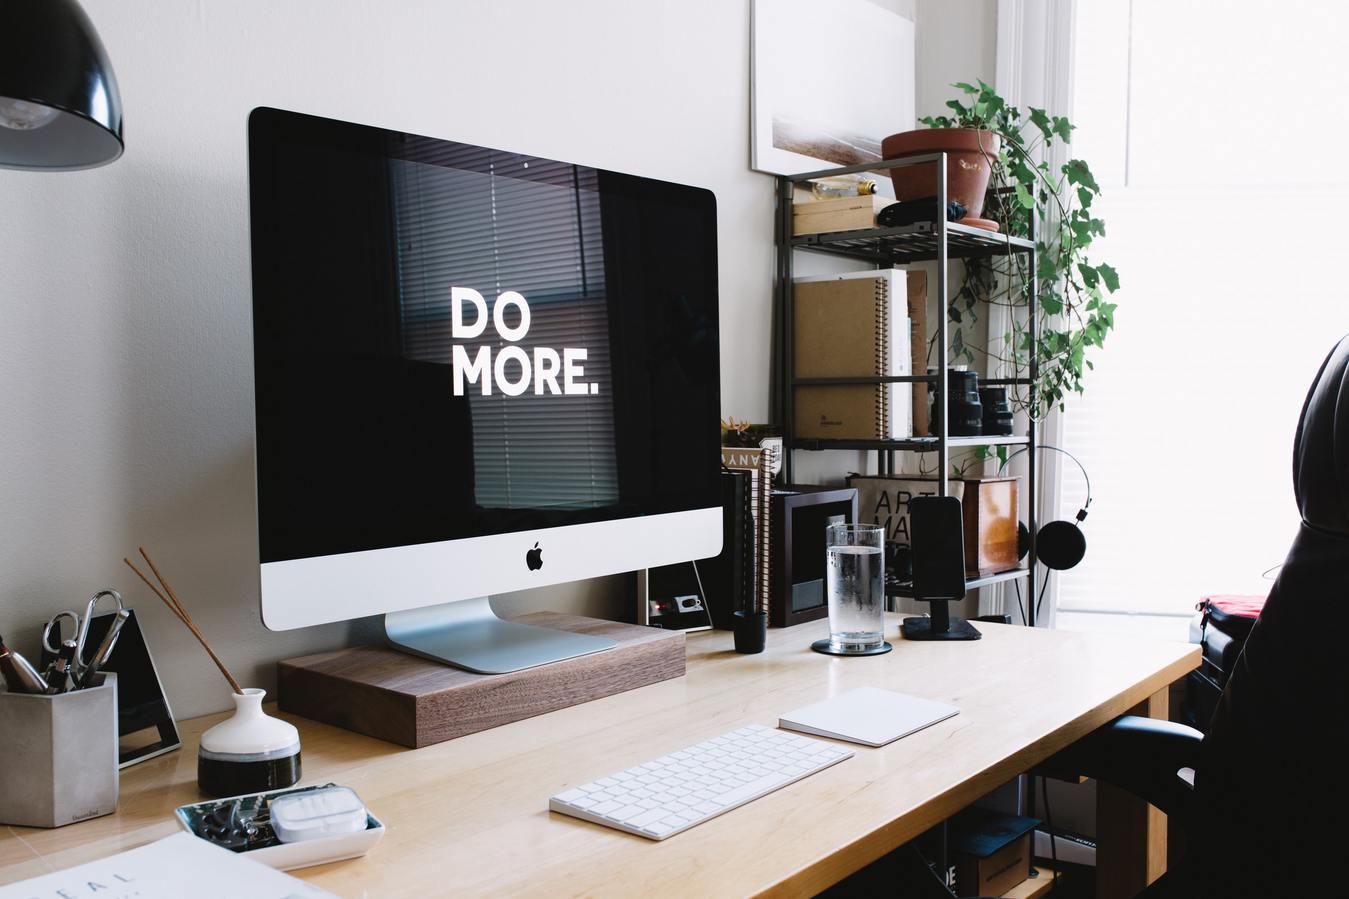 iMac op een bureau met planken